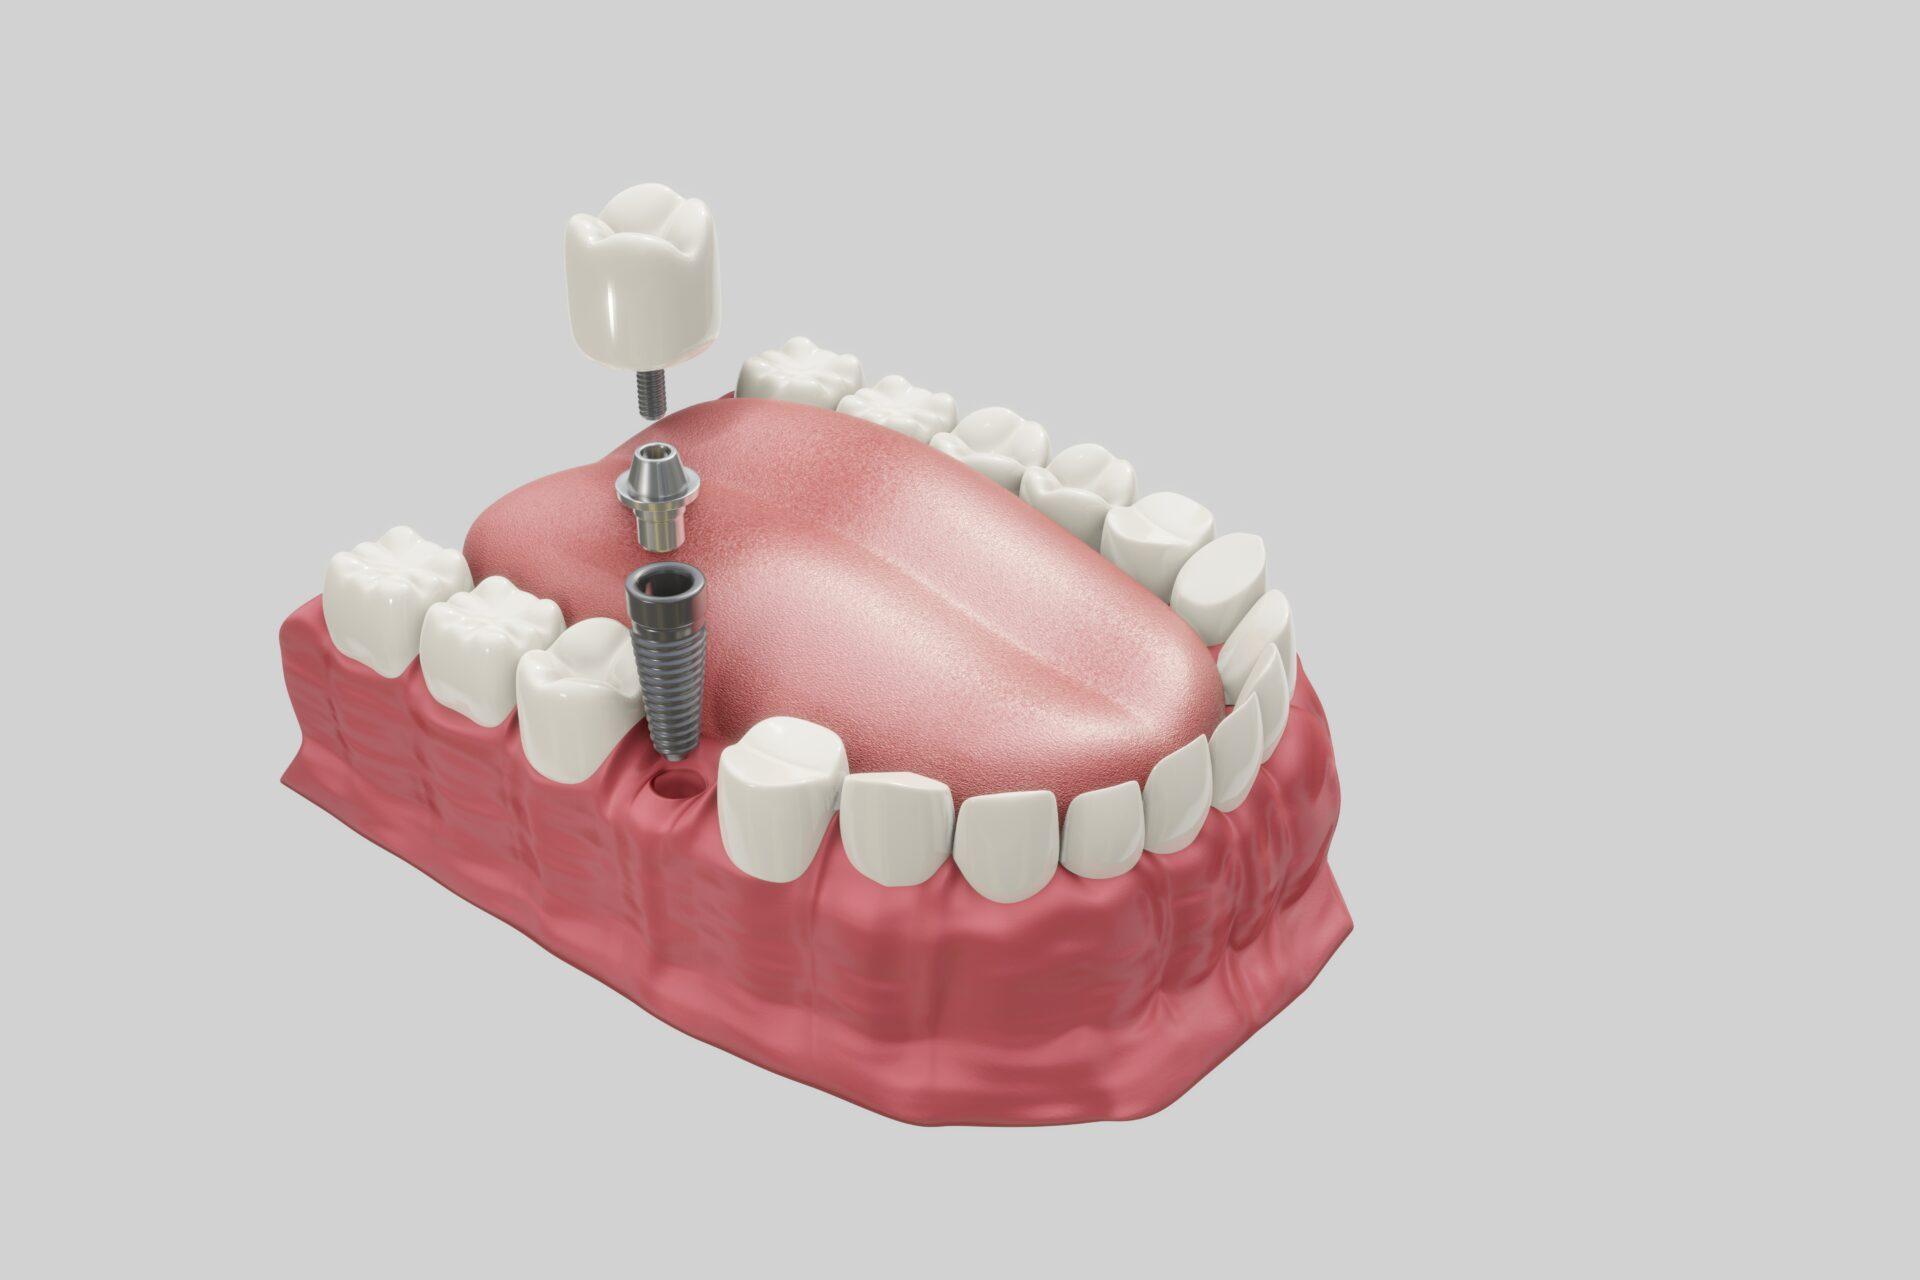 アバットメントはインプラント体と人工歯冠の中間の部品